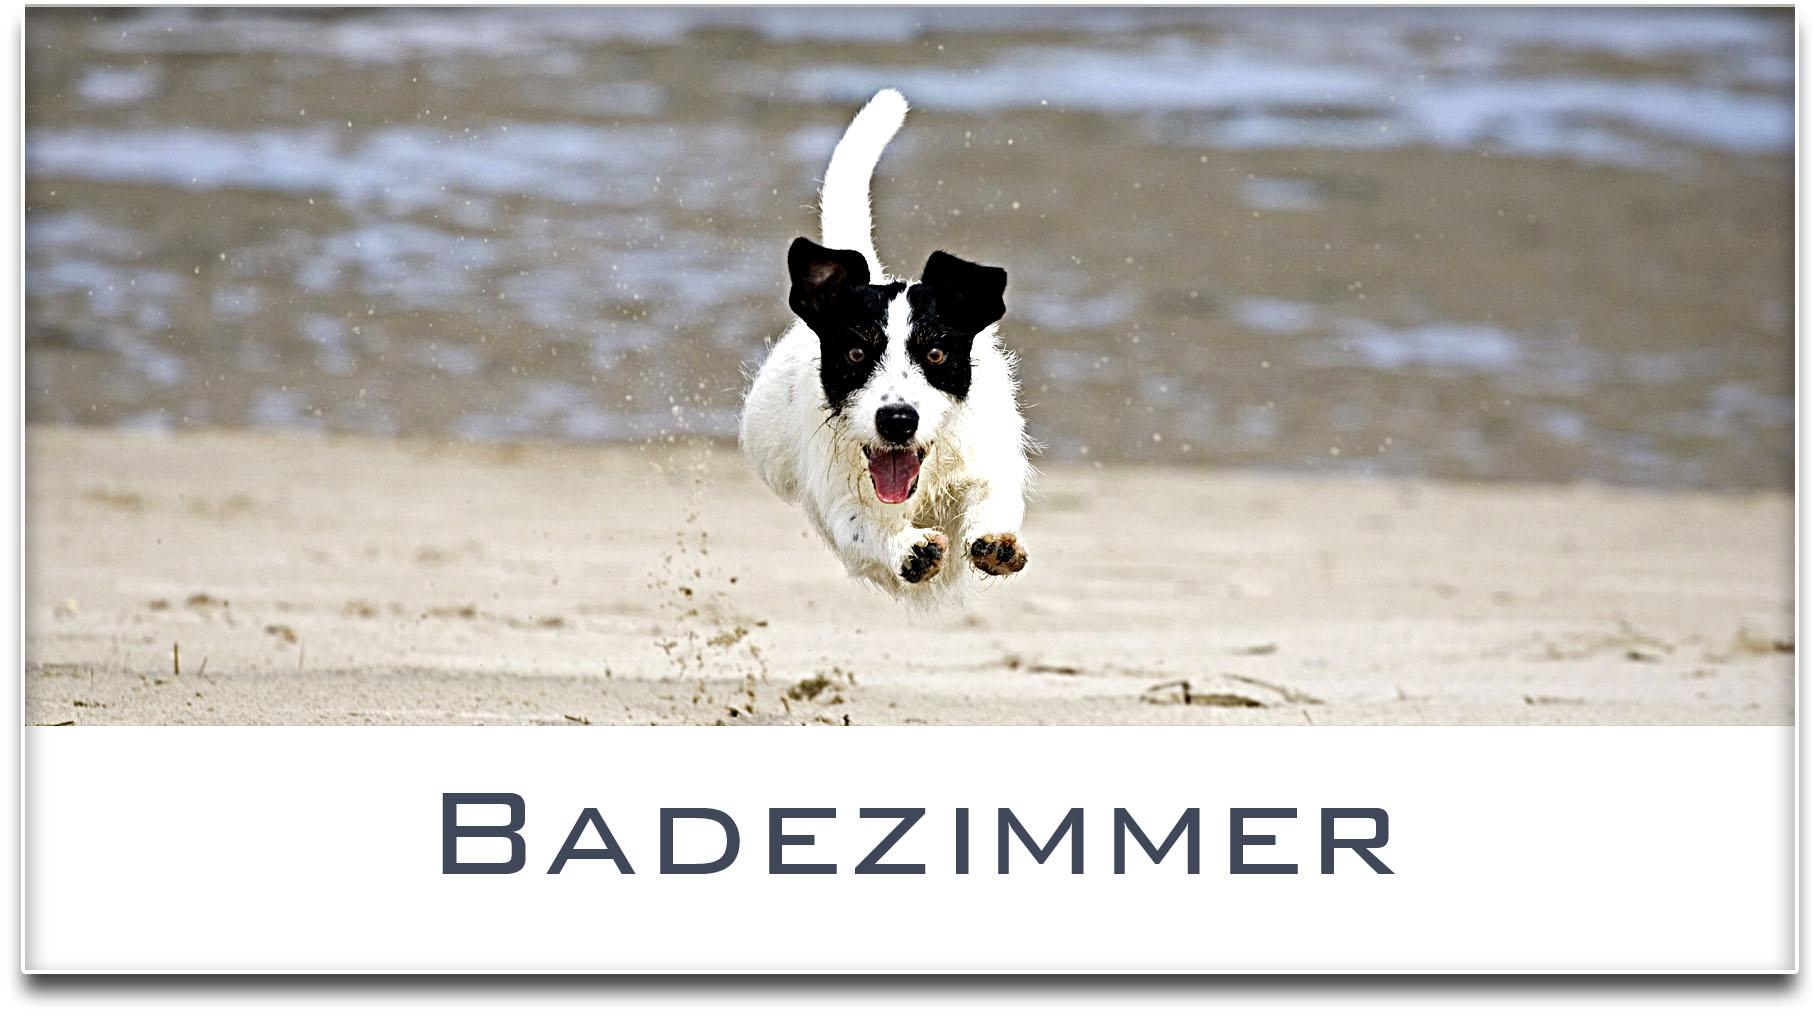 Türschild / Jack Russel Terrier / Hund / Badezimmer / Selbstklebend